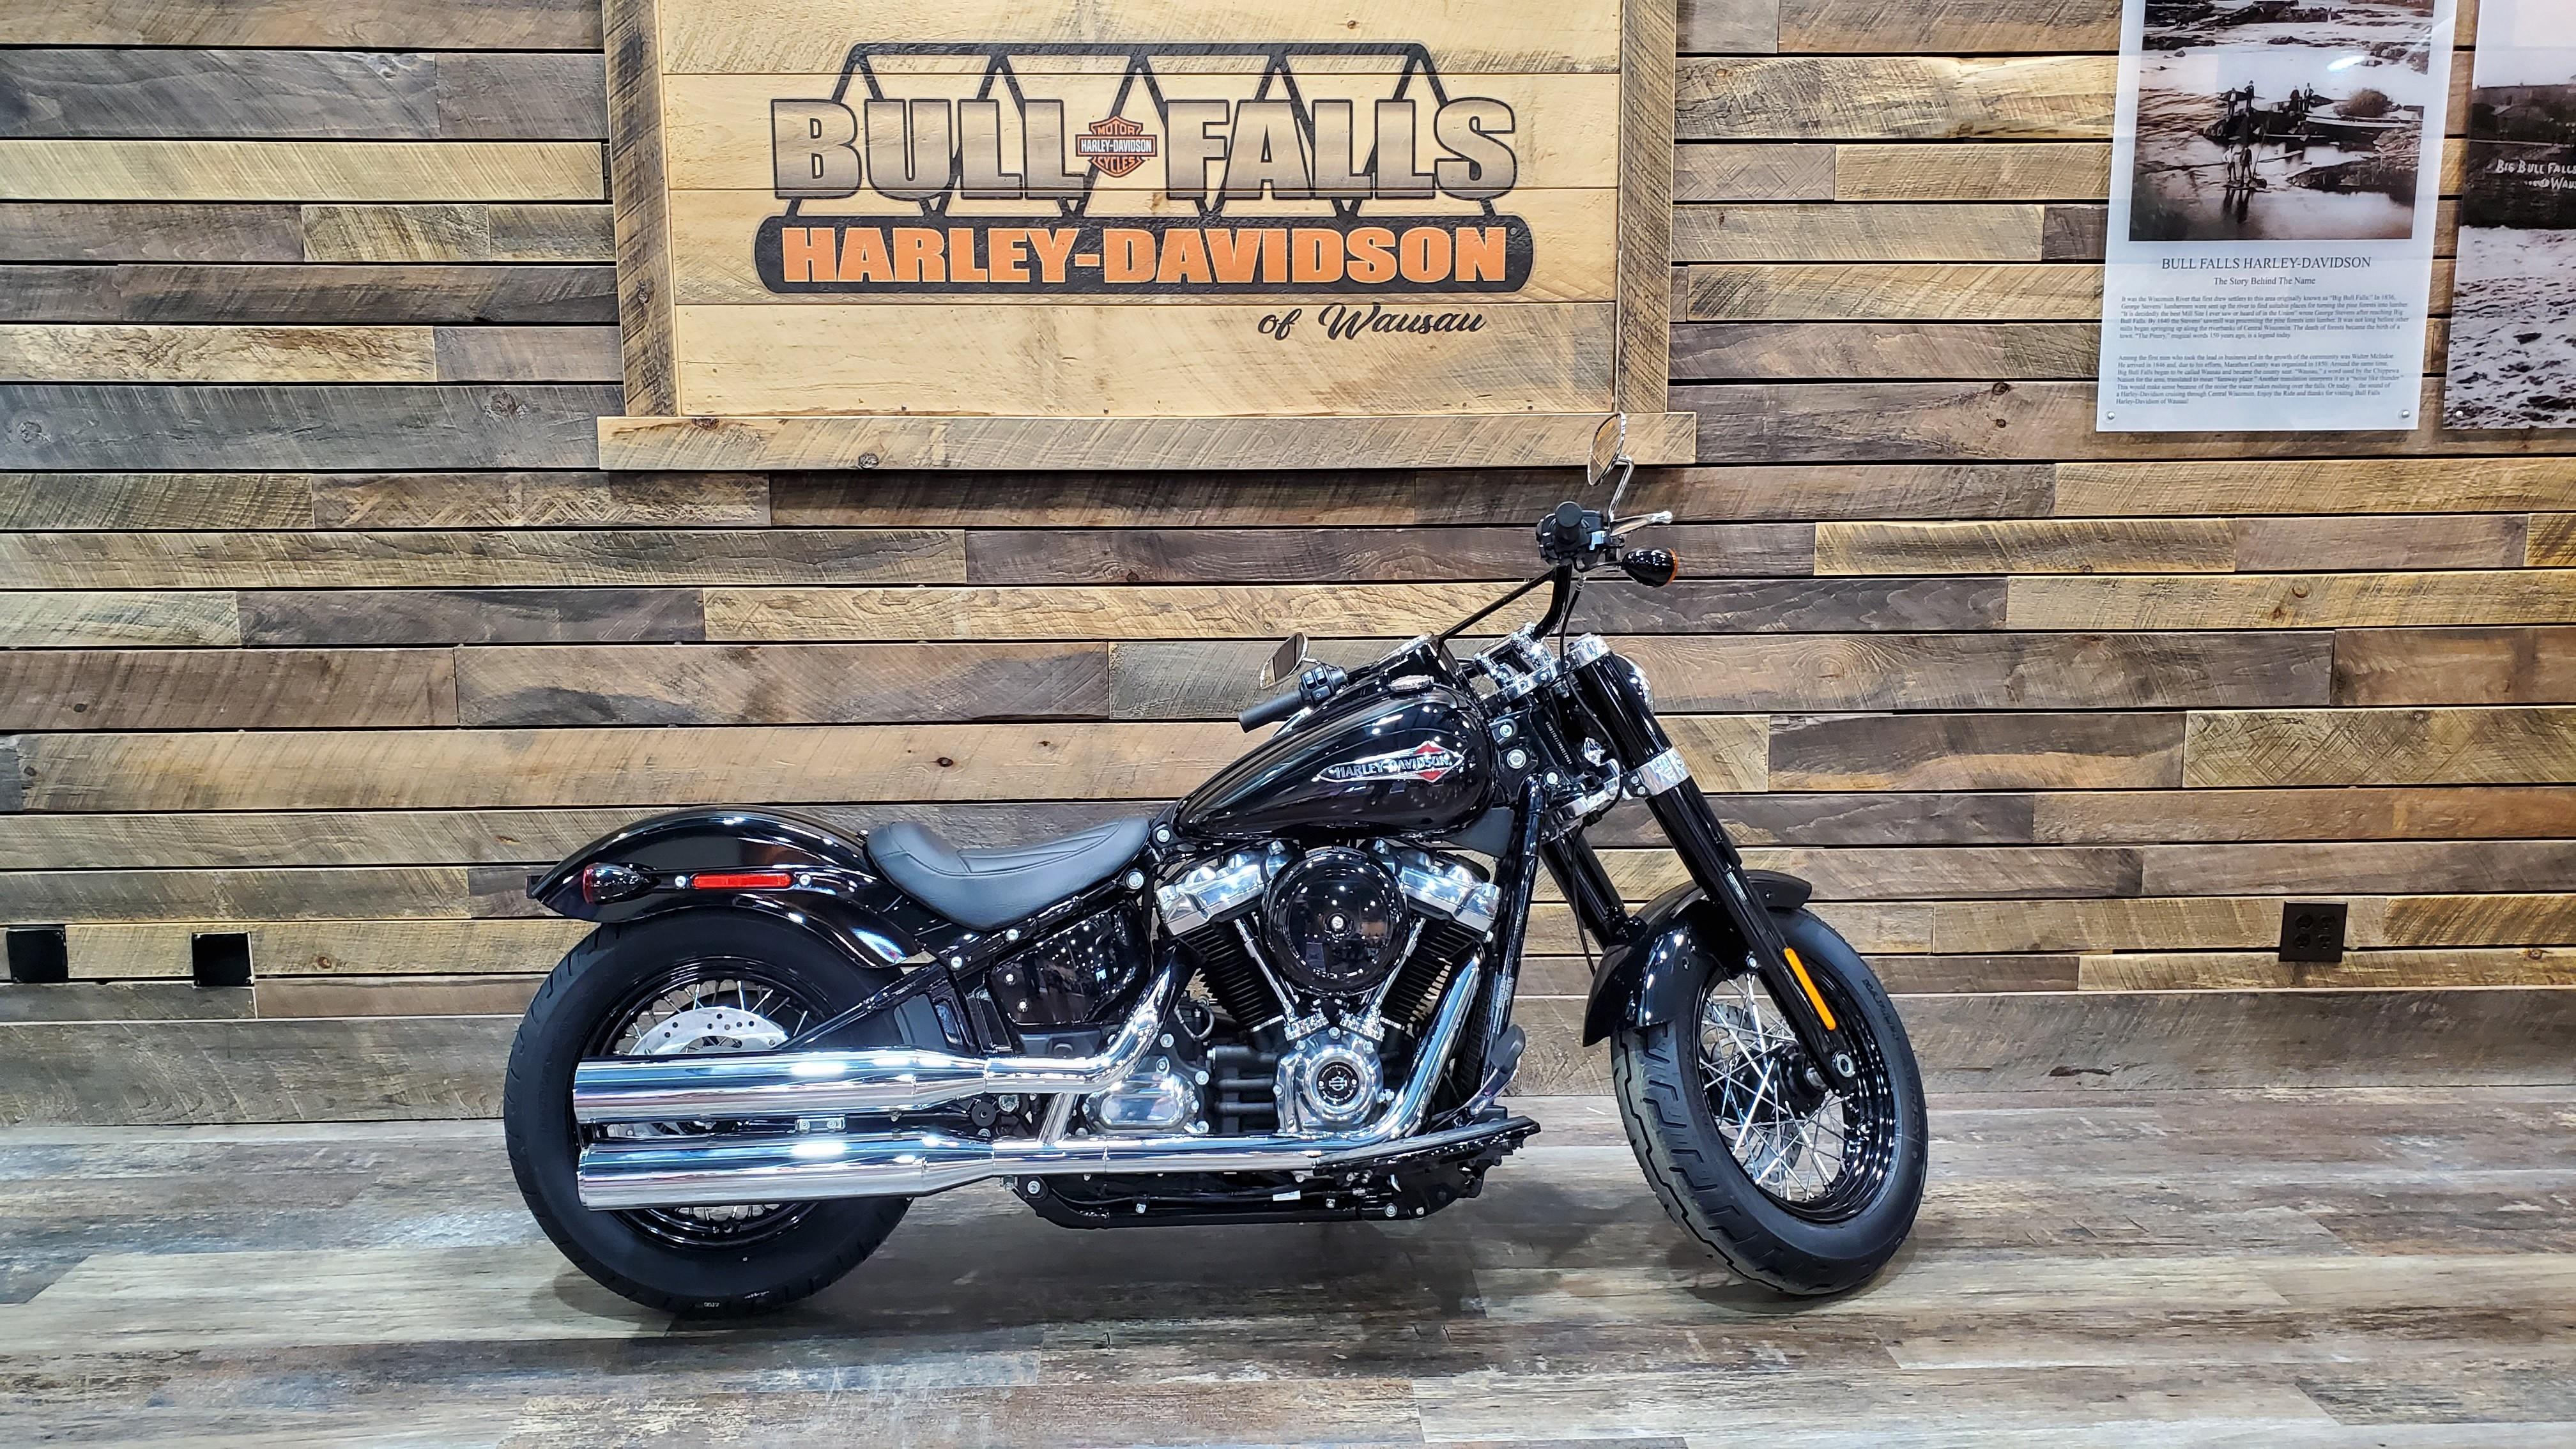 2021 Harley-Davidson Cruiser FLSL Softail Slim at Bull Falls Harley-Davidson